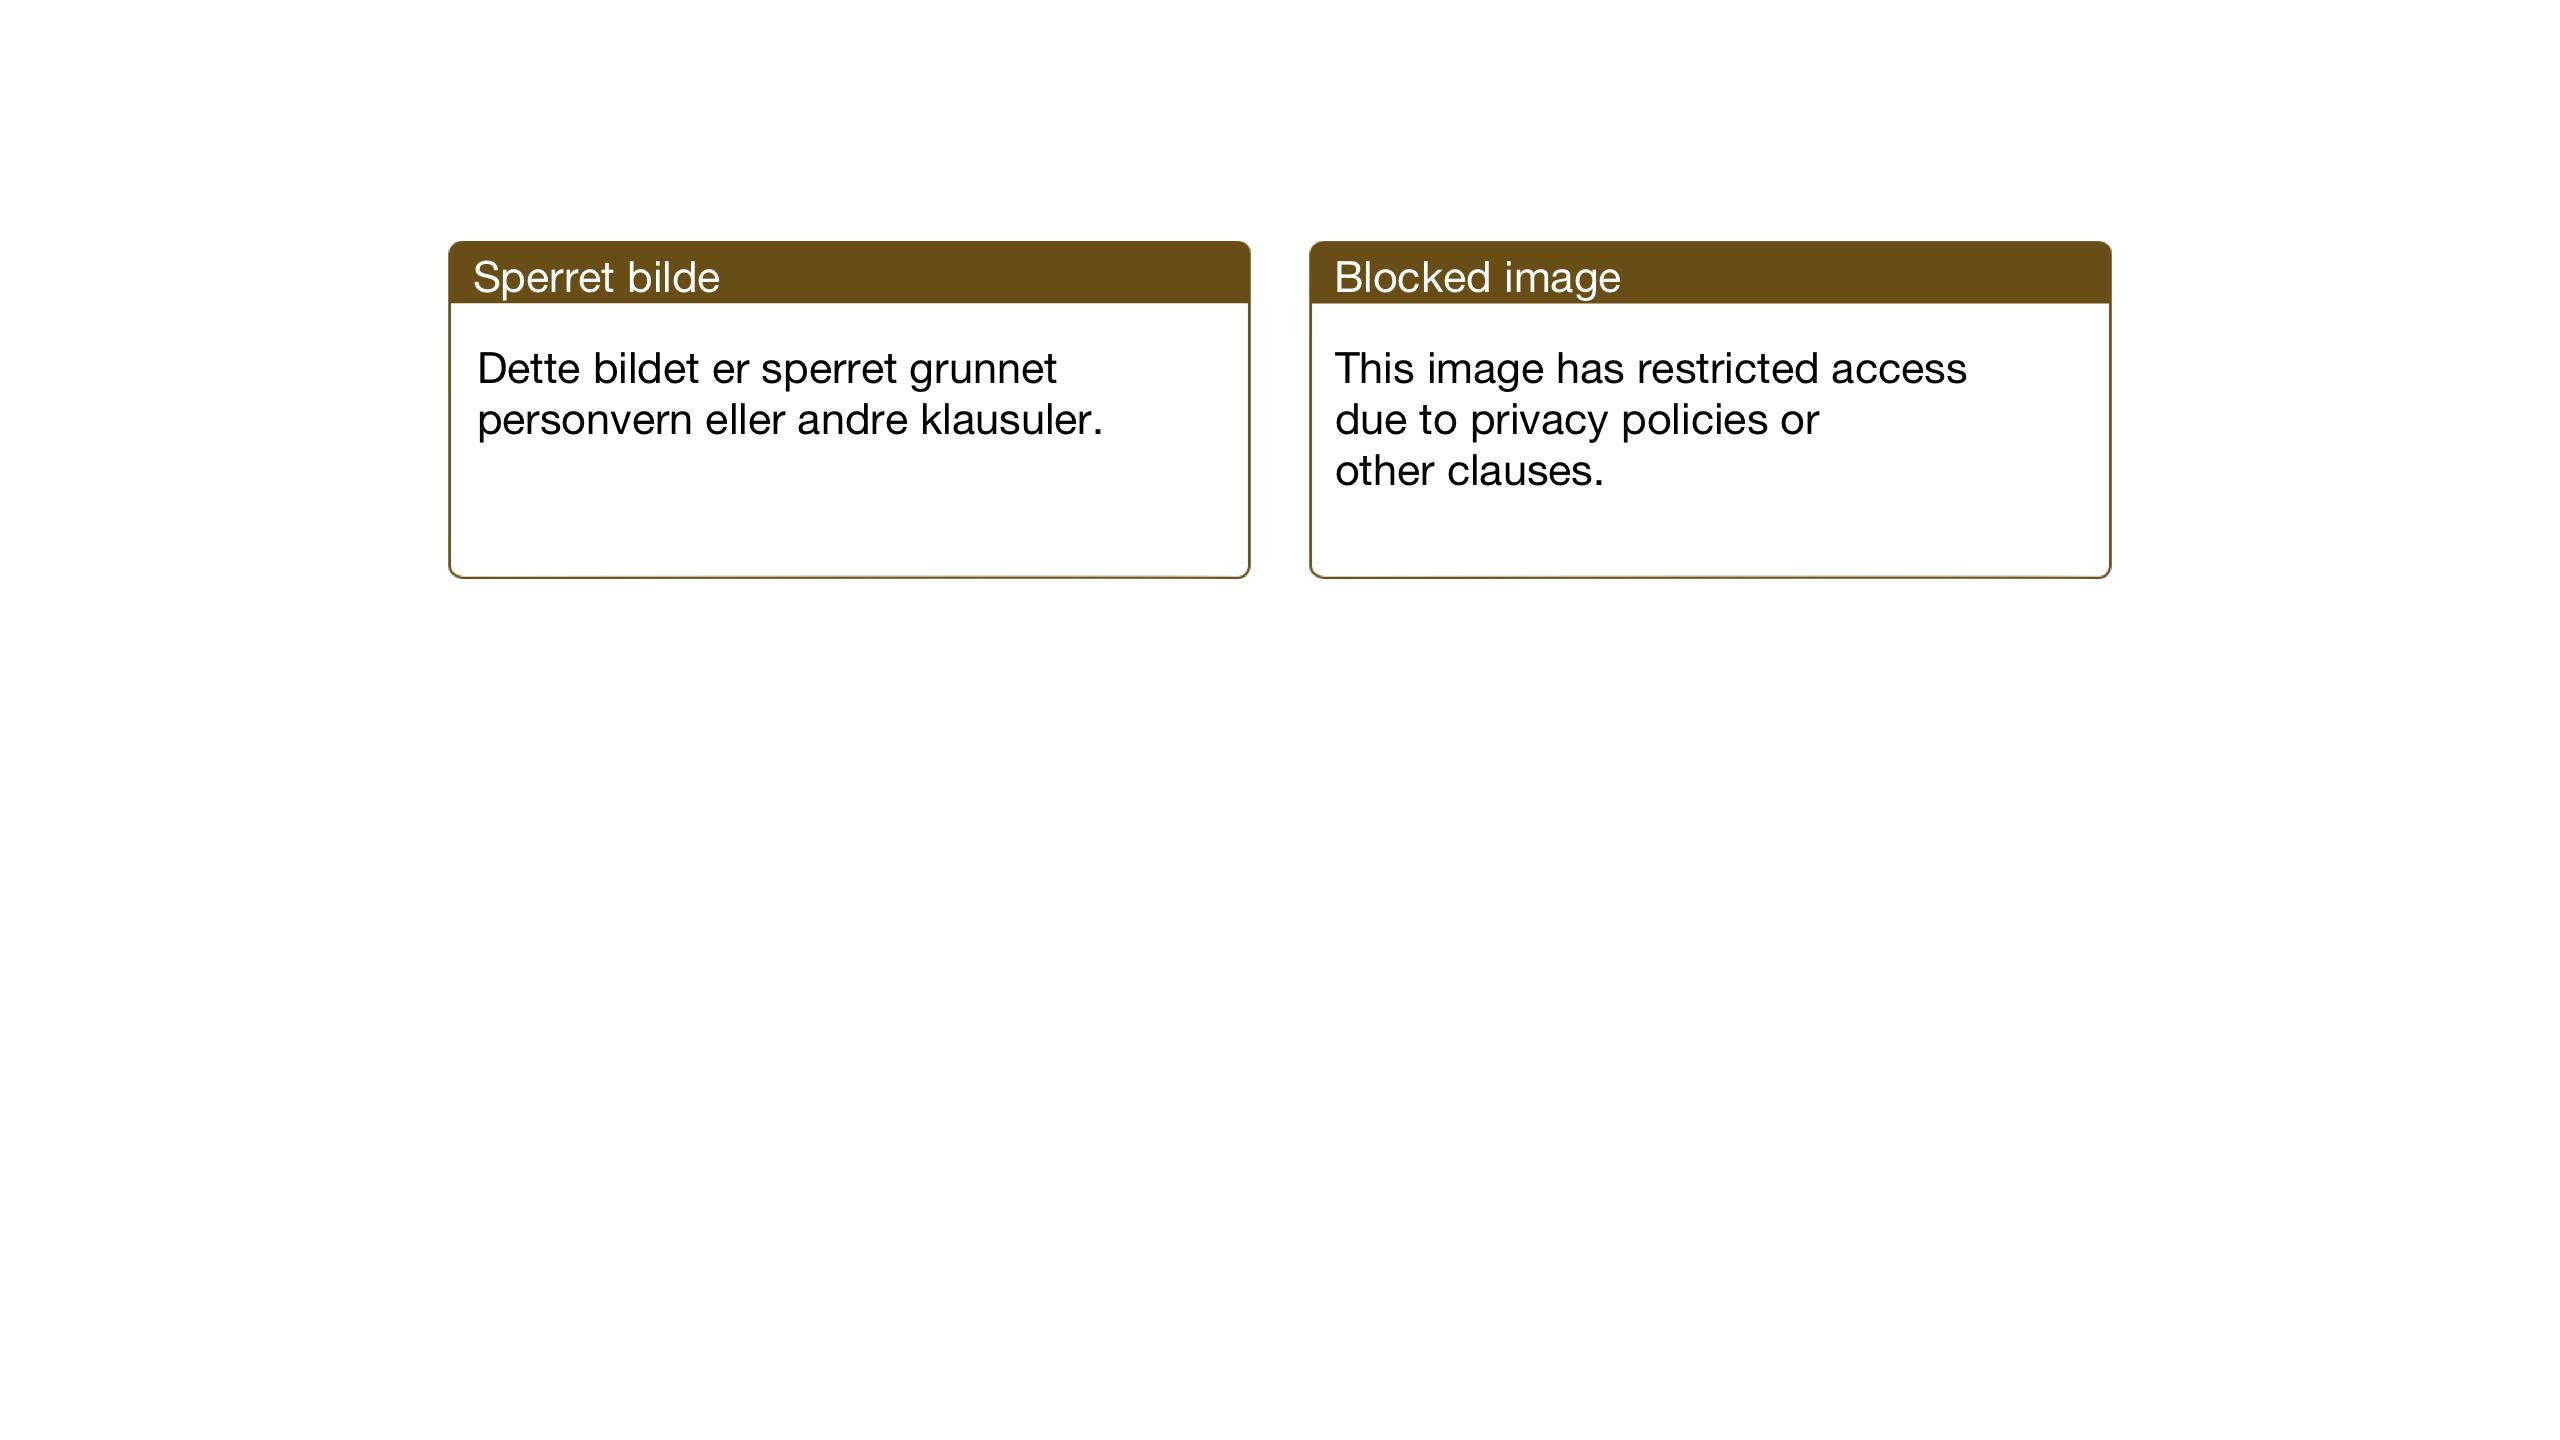 SAT, Ministerialprotokoller, klokkerbøker og fødselsregistre - Sør-Trøndelag, 603/L0177: Klokkerbok nr. 603C05, 1941-1952, s. 252